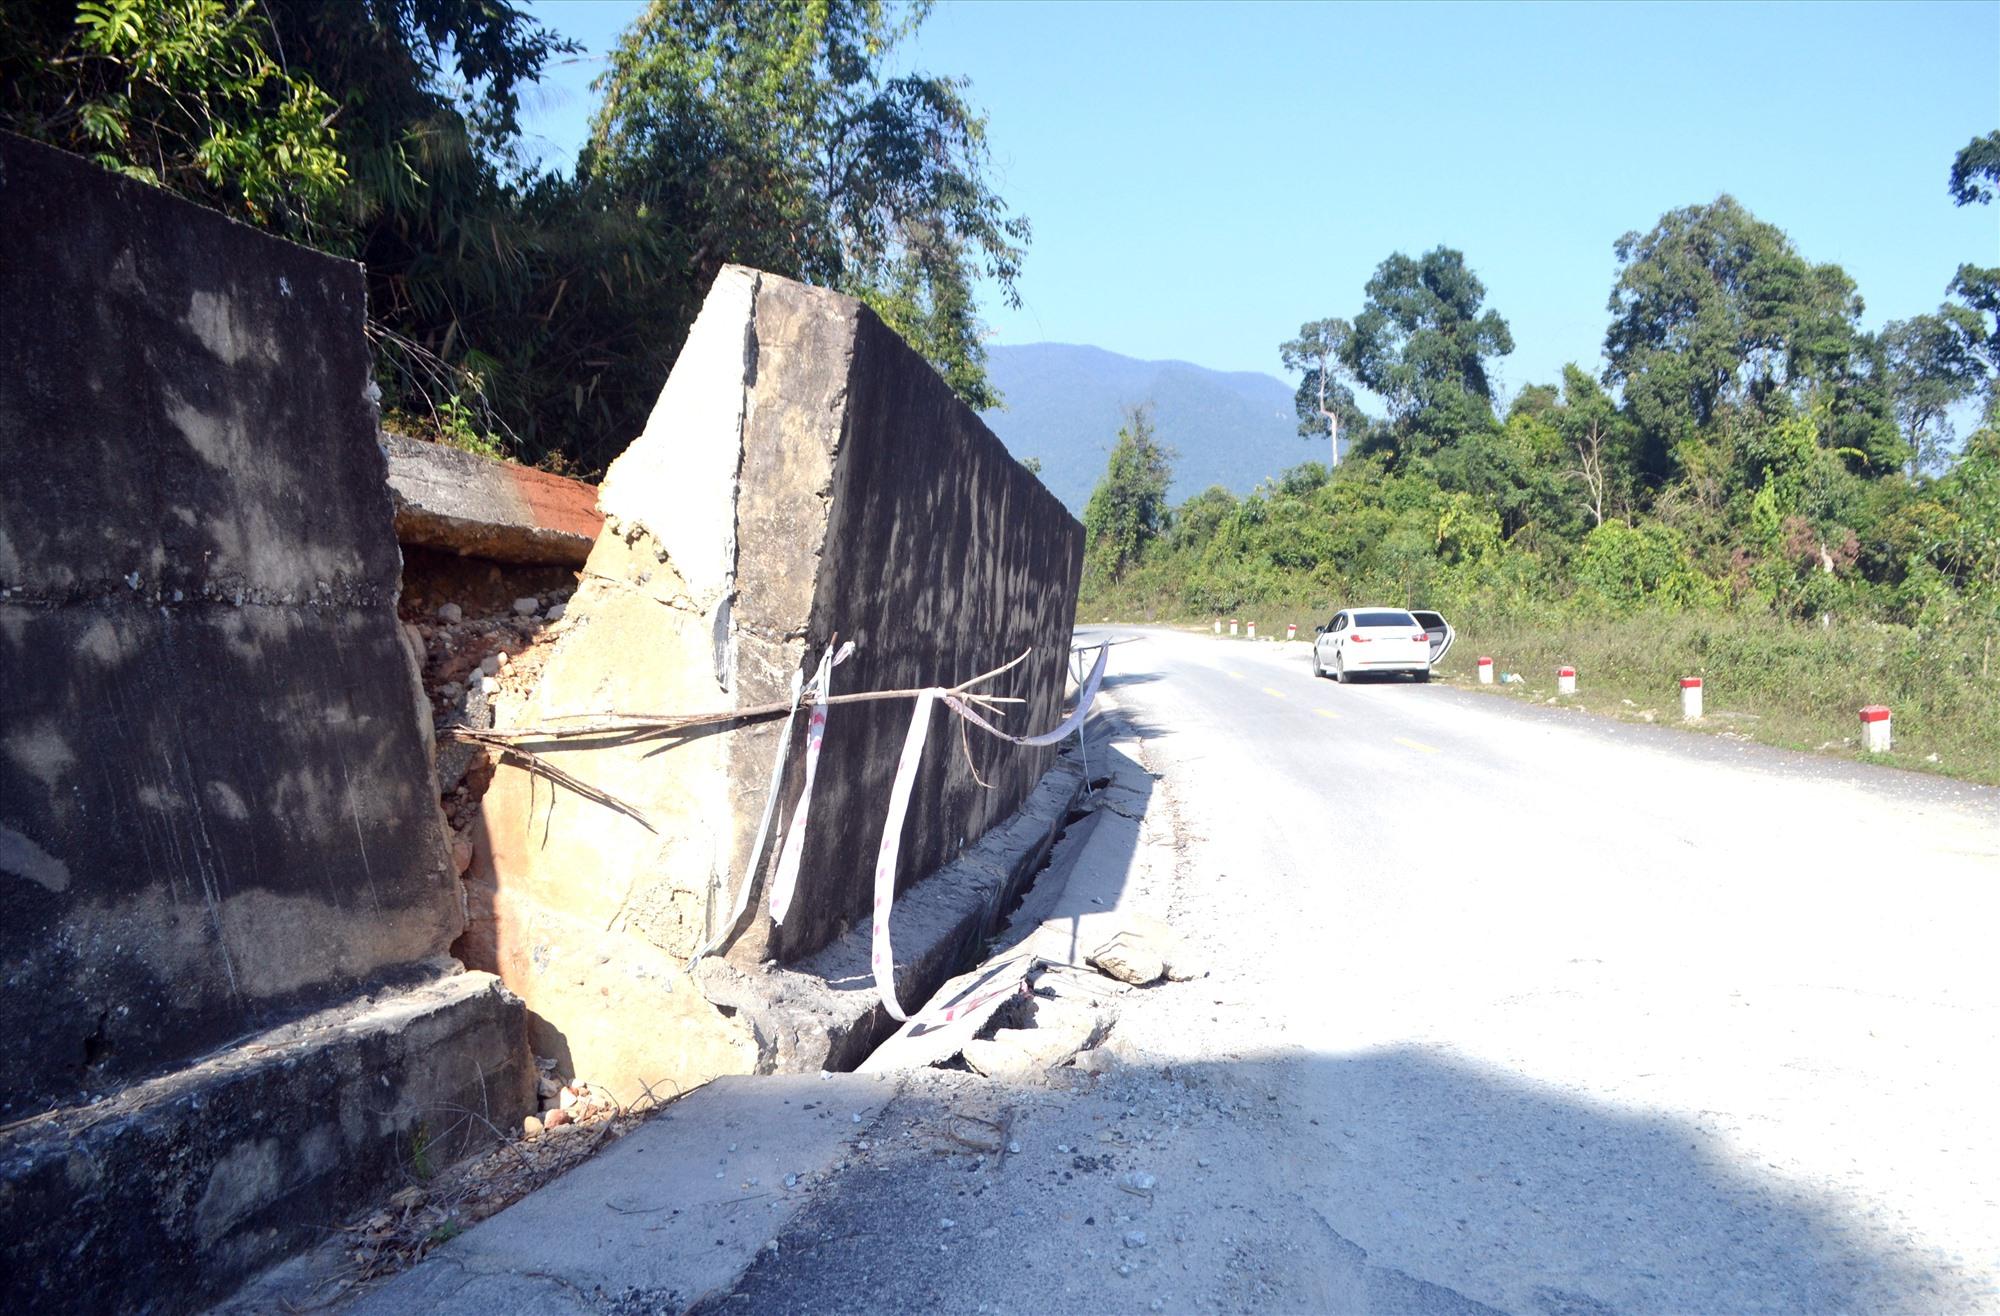 Nền đường Hồ Chí Minh, đoạn km474+050 qua huyện Nam Giang sụt lún kéo theo tường chắn taluy dương bị ngã. Ảnh: CÔNG TÚ